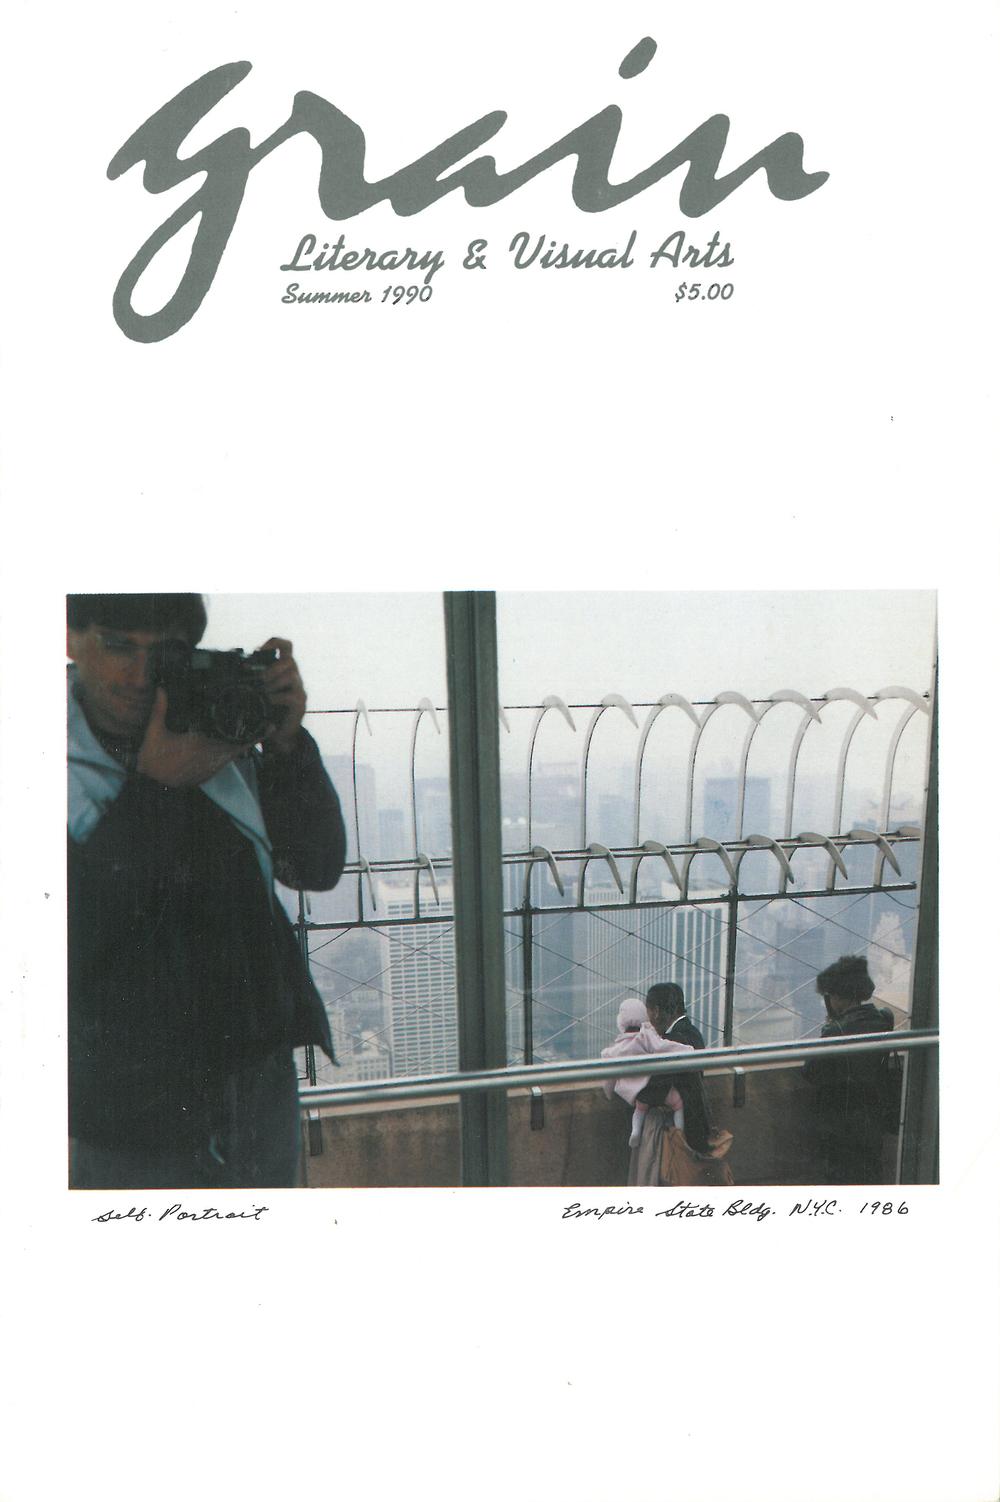 18.2 Summer 1990